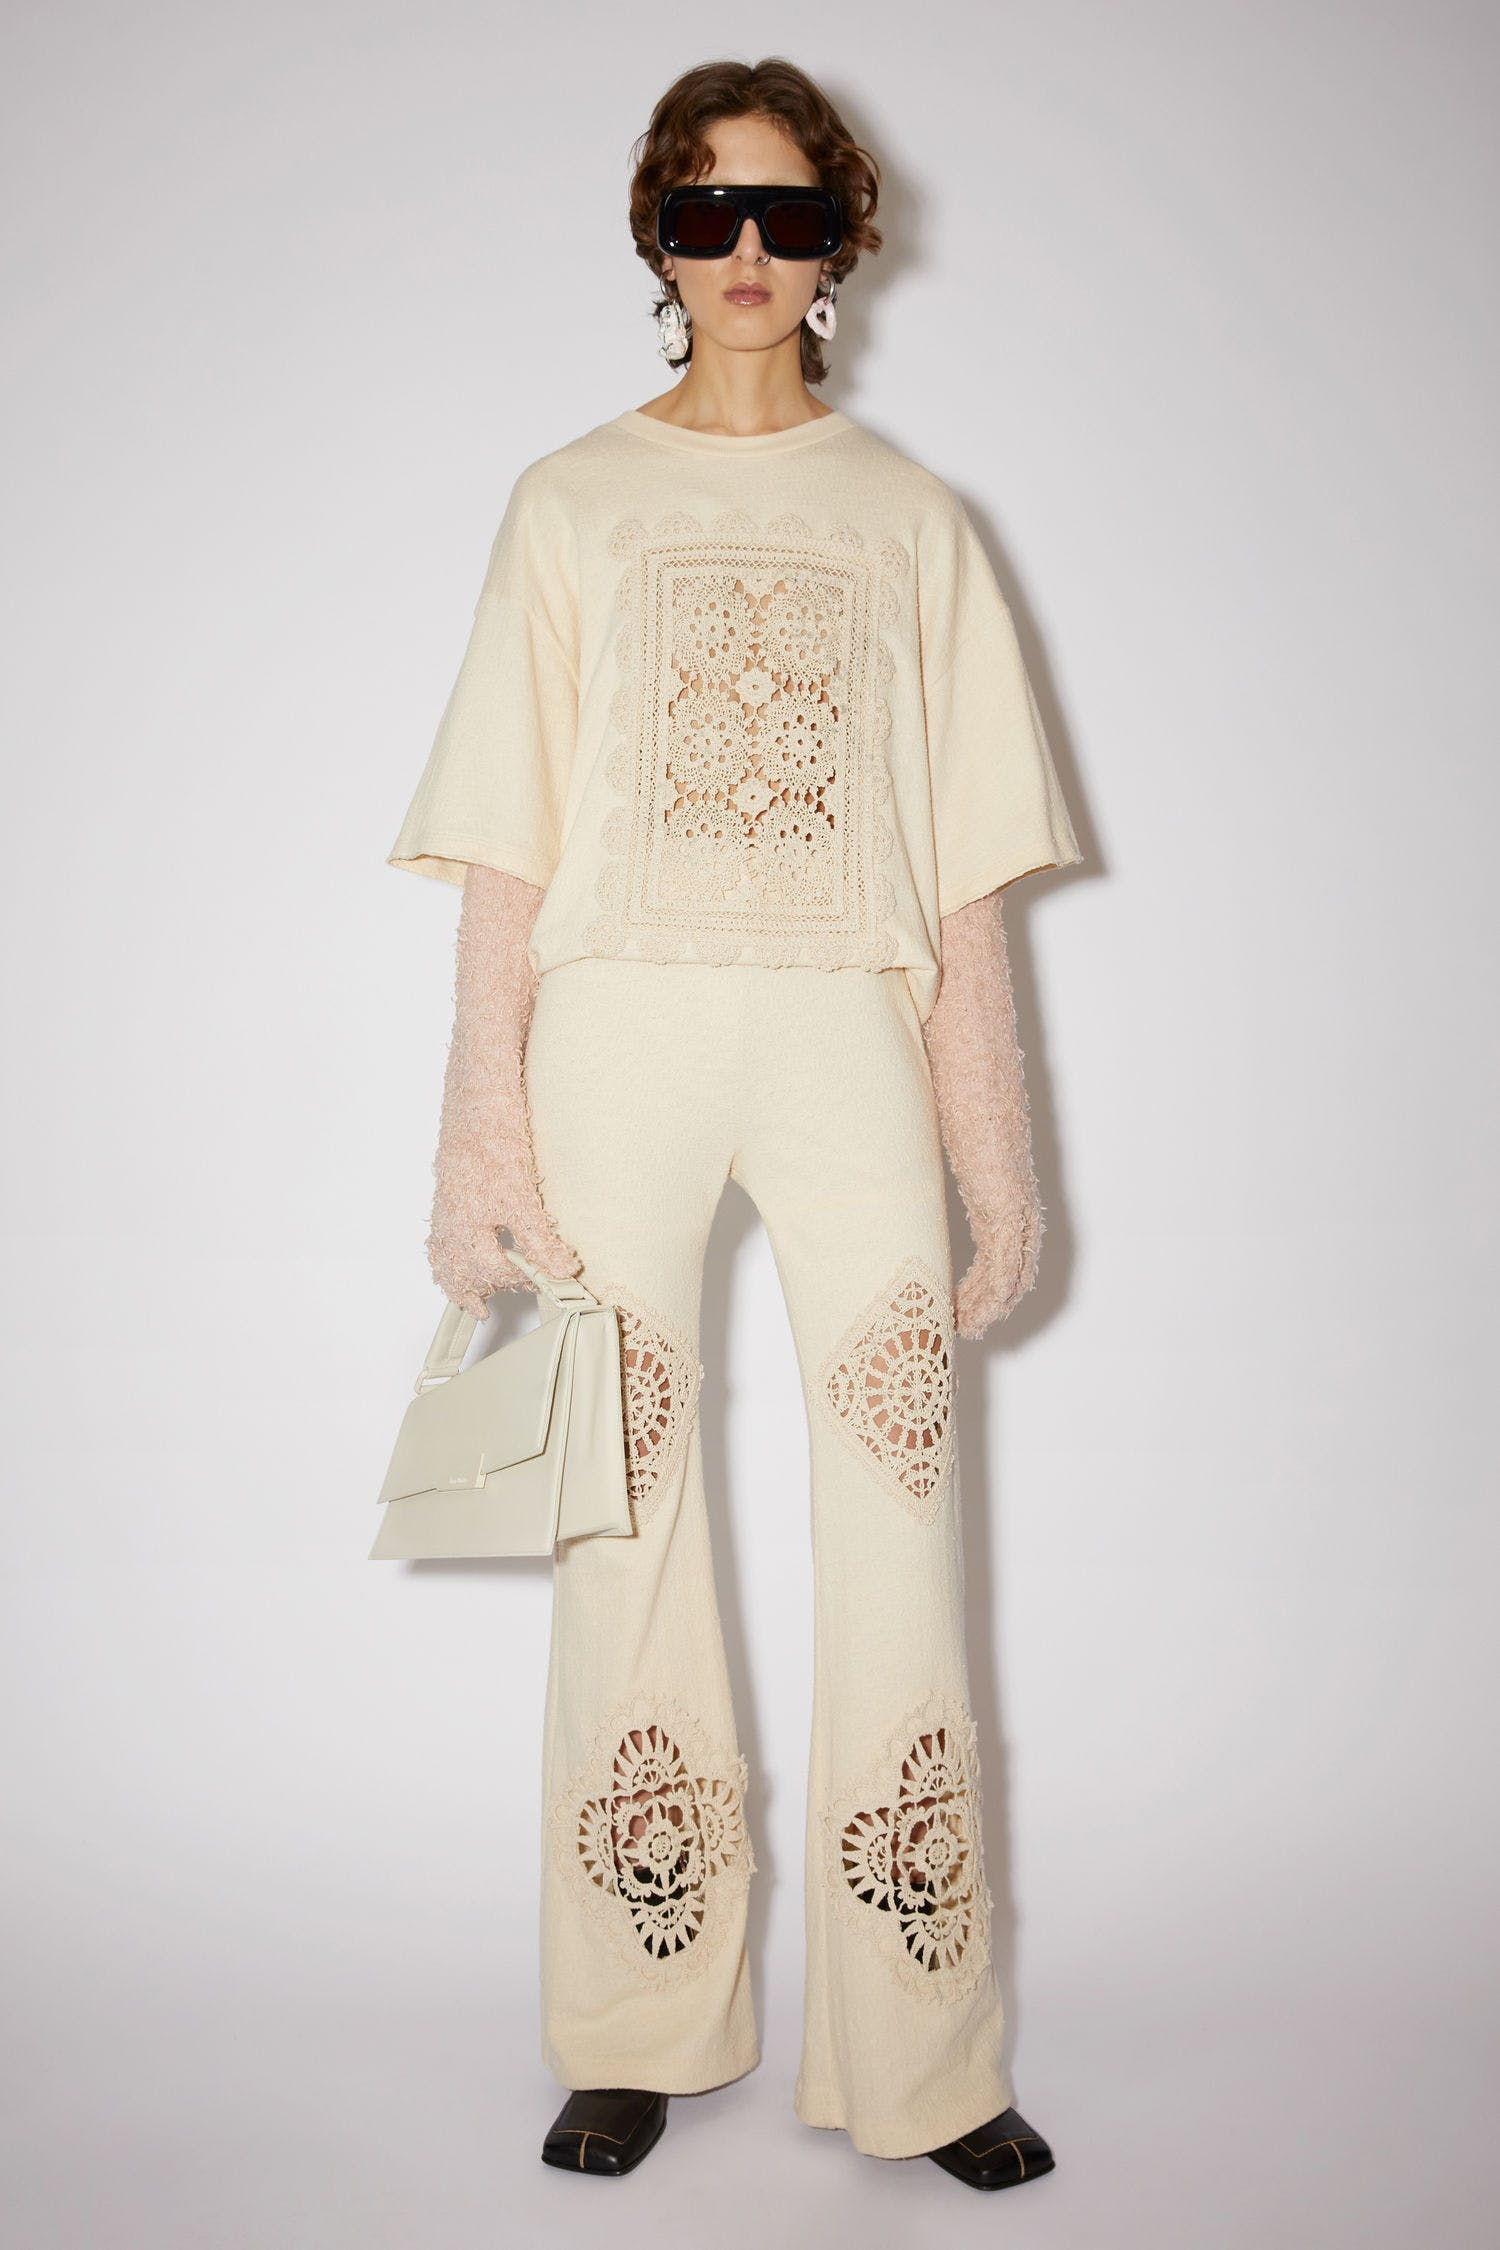 Phong cách quần crochet trở lại - 5